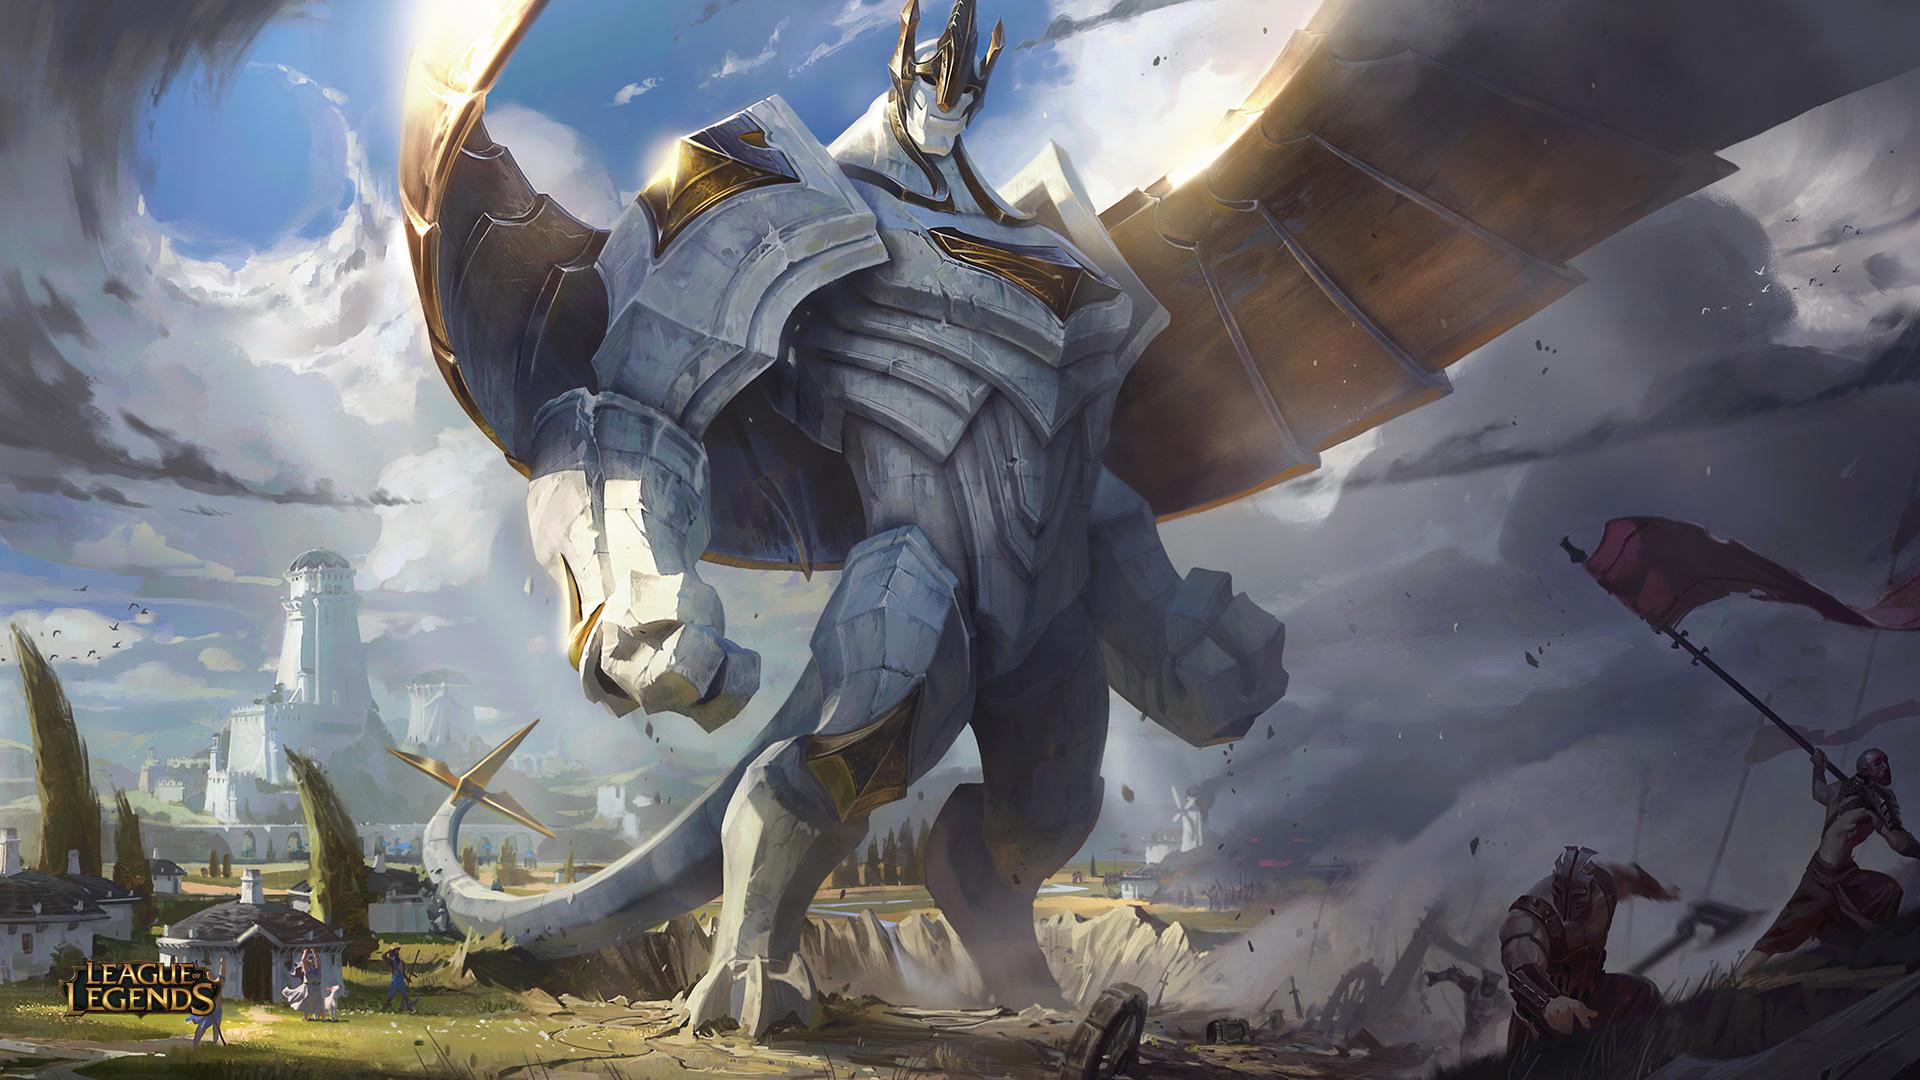 Aggiornamento campione: Galio, il colosso